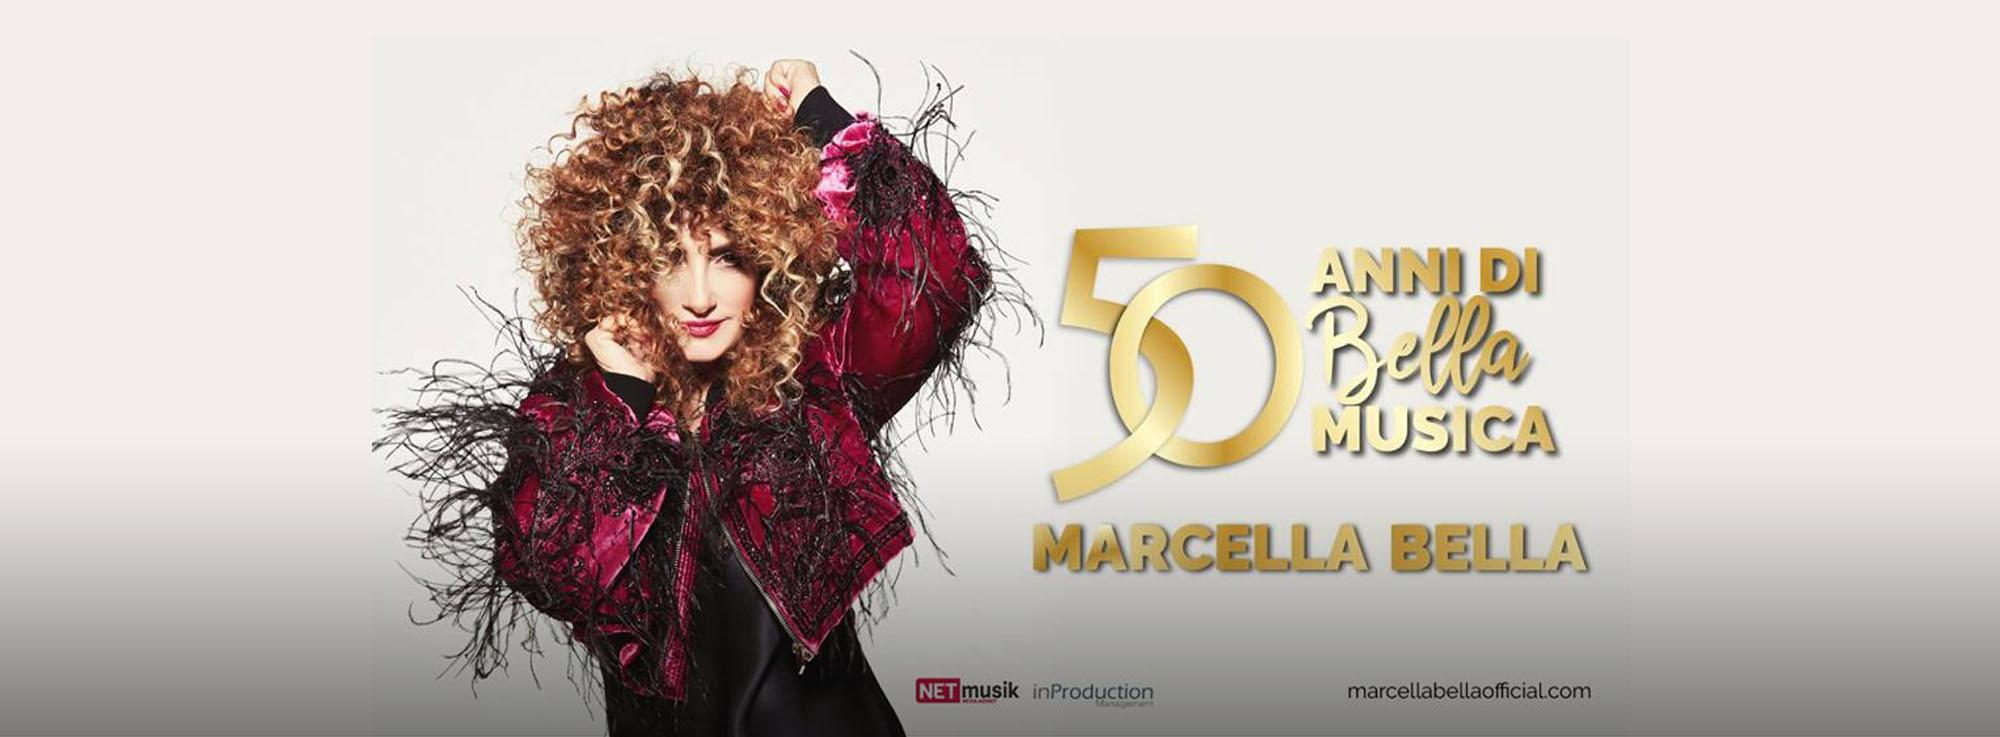 Stornarella: 50 anni di Bella Musica